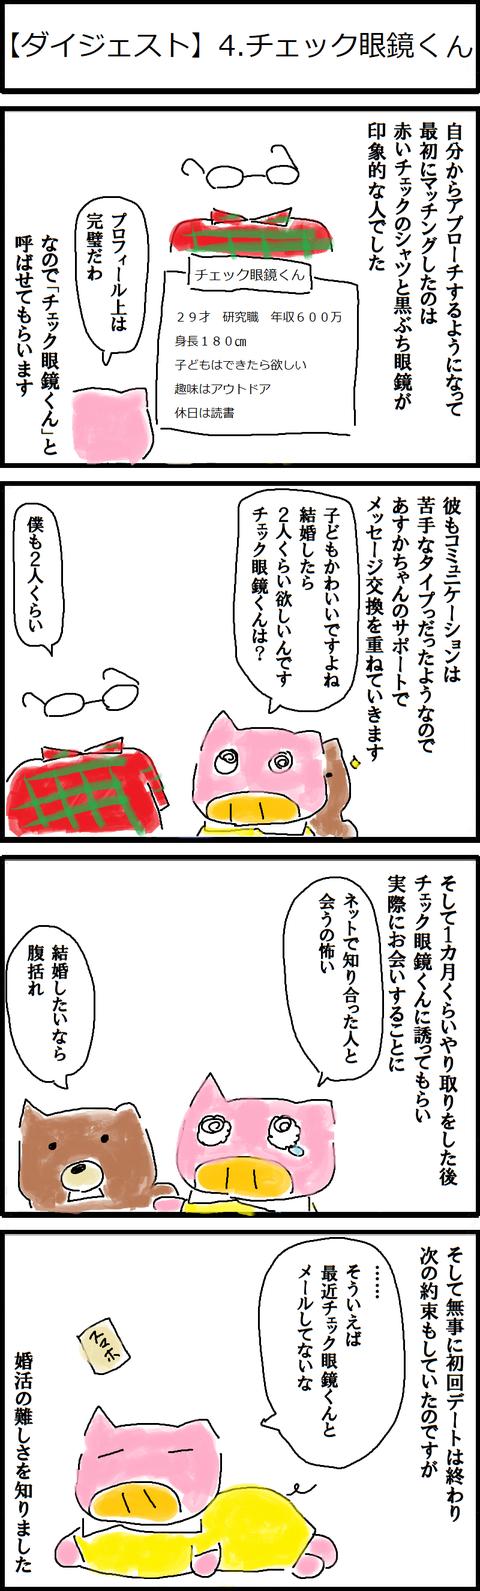 【ダイジェスト】4.チェック眼鏡くん